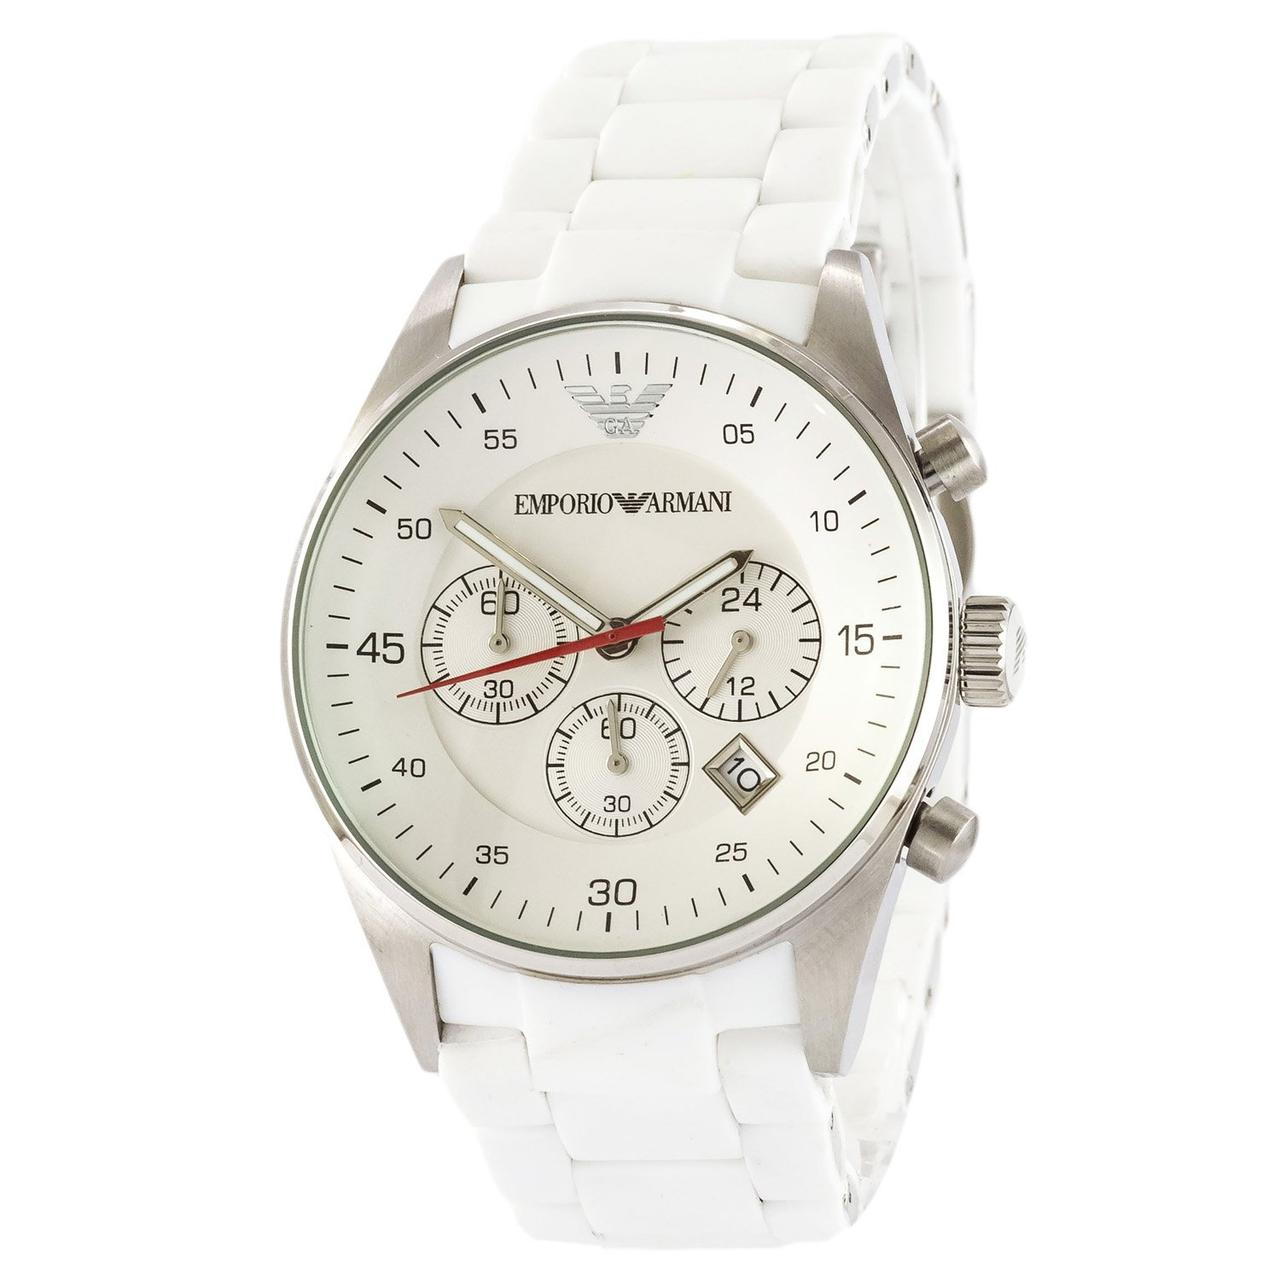 Мужские наручные часы Emporio Armani AR-5905 White-Silver Silicone